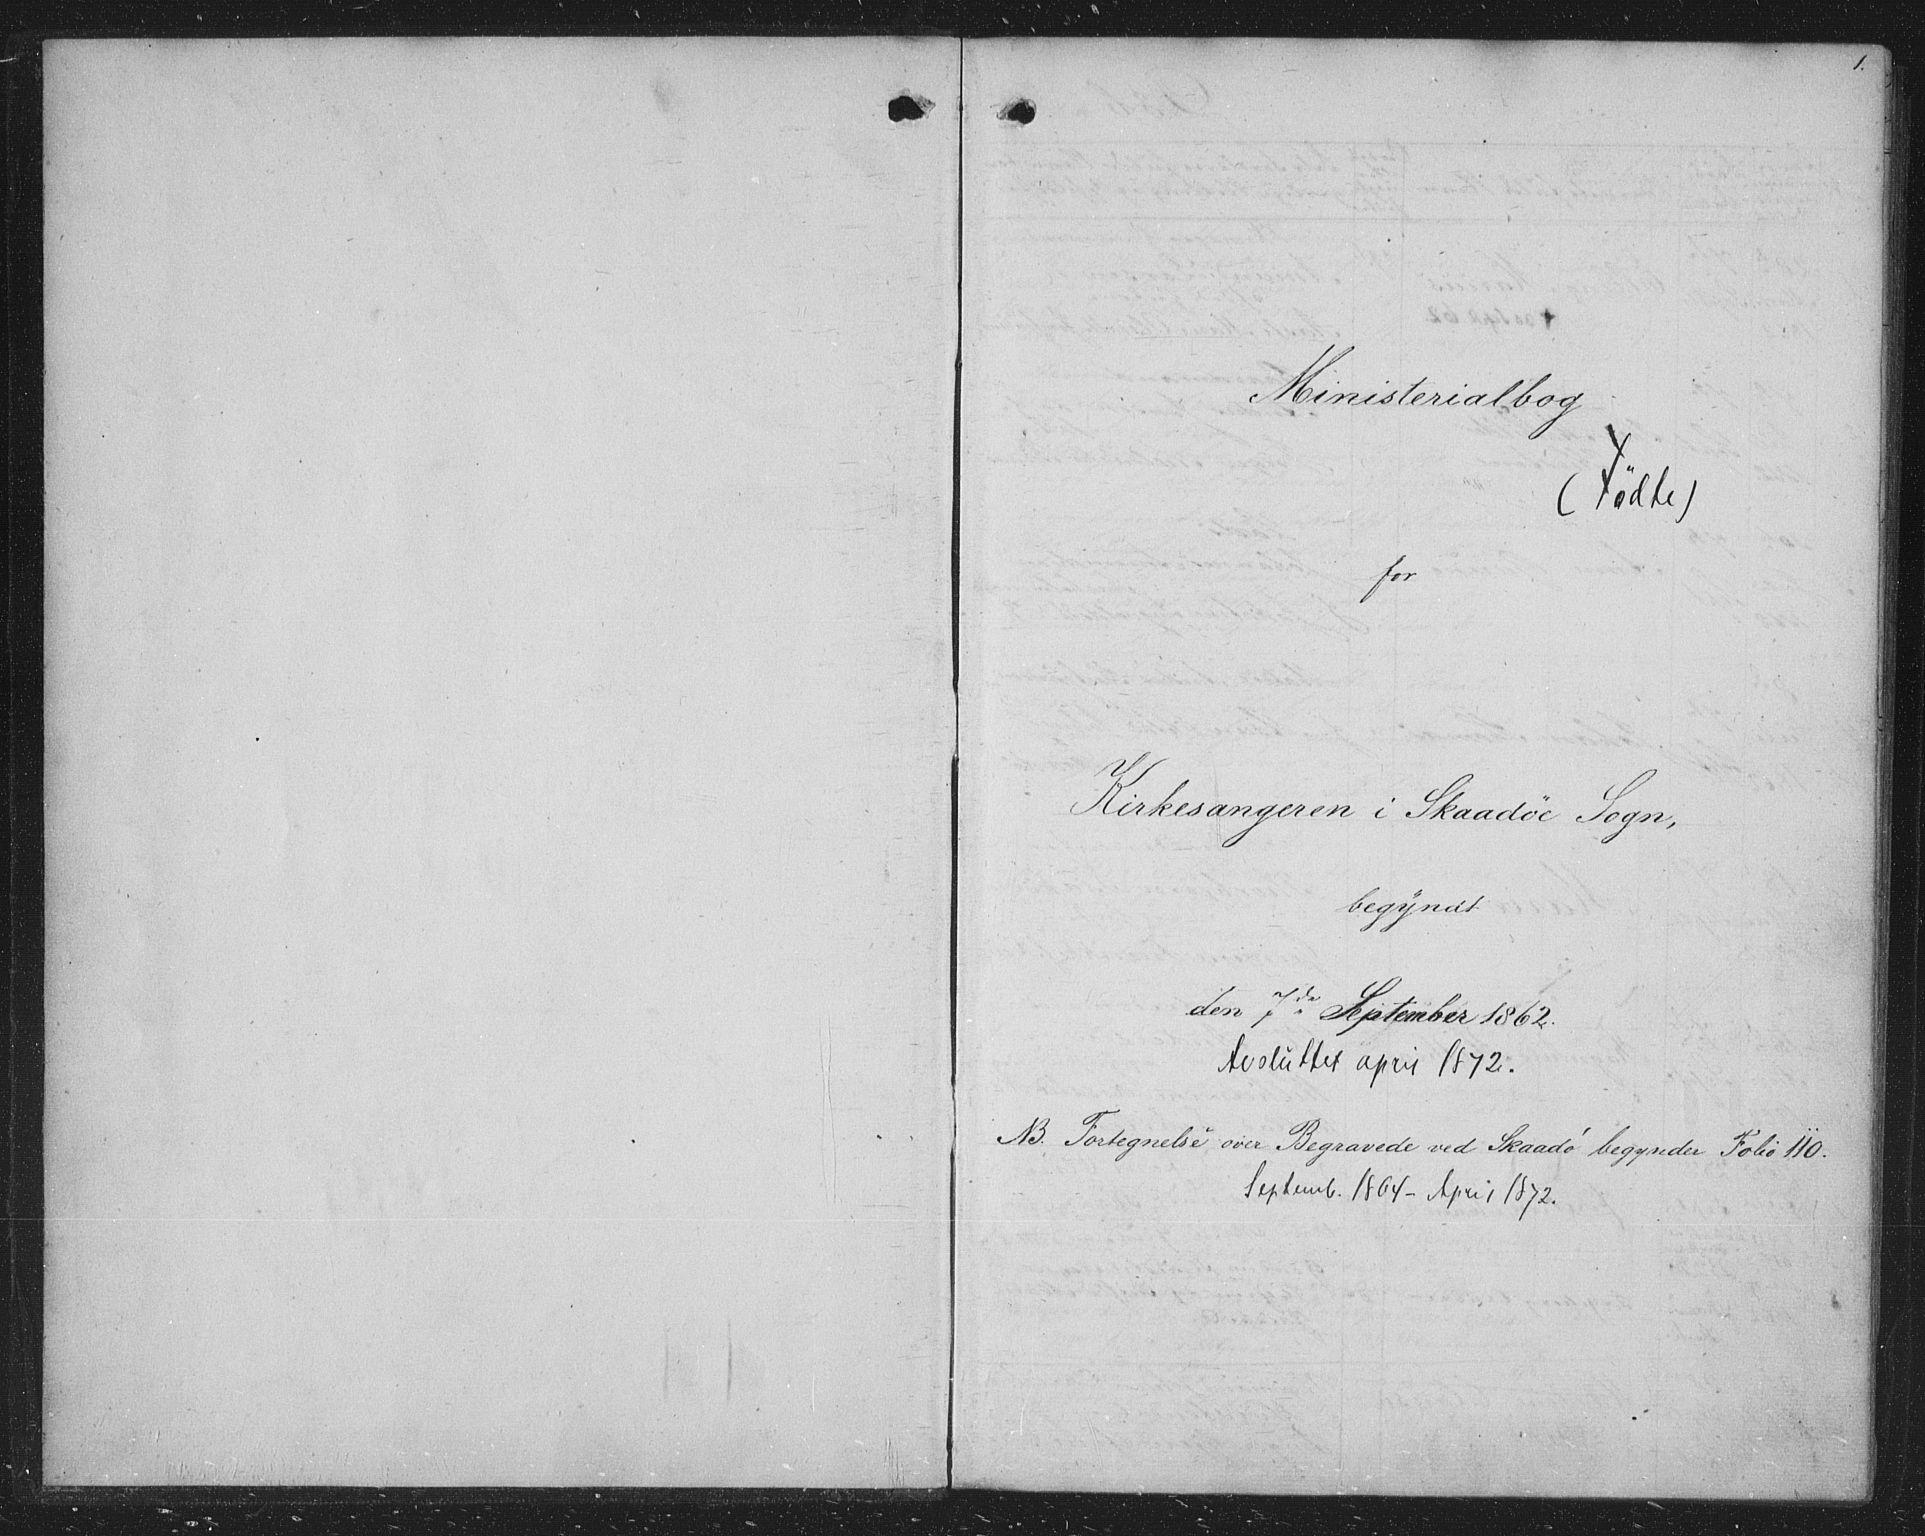 SAKO, Skåtøy kirkebøker, G/Ga/L0001: Klokkerbok nr. I 1, 1862-1872, s. 1